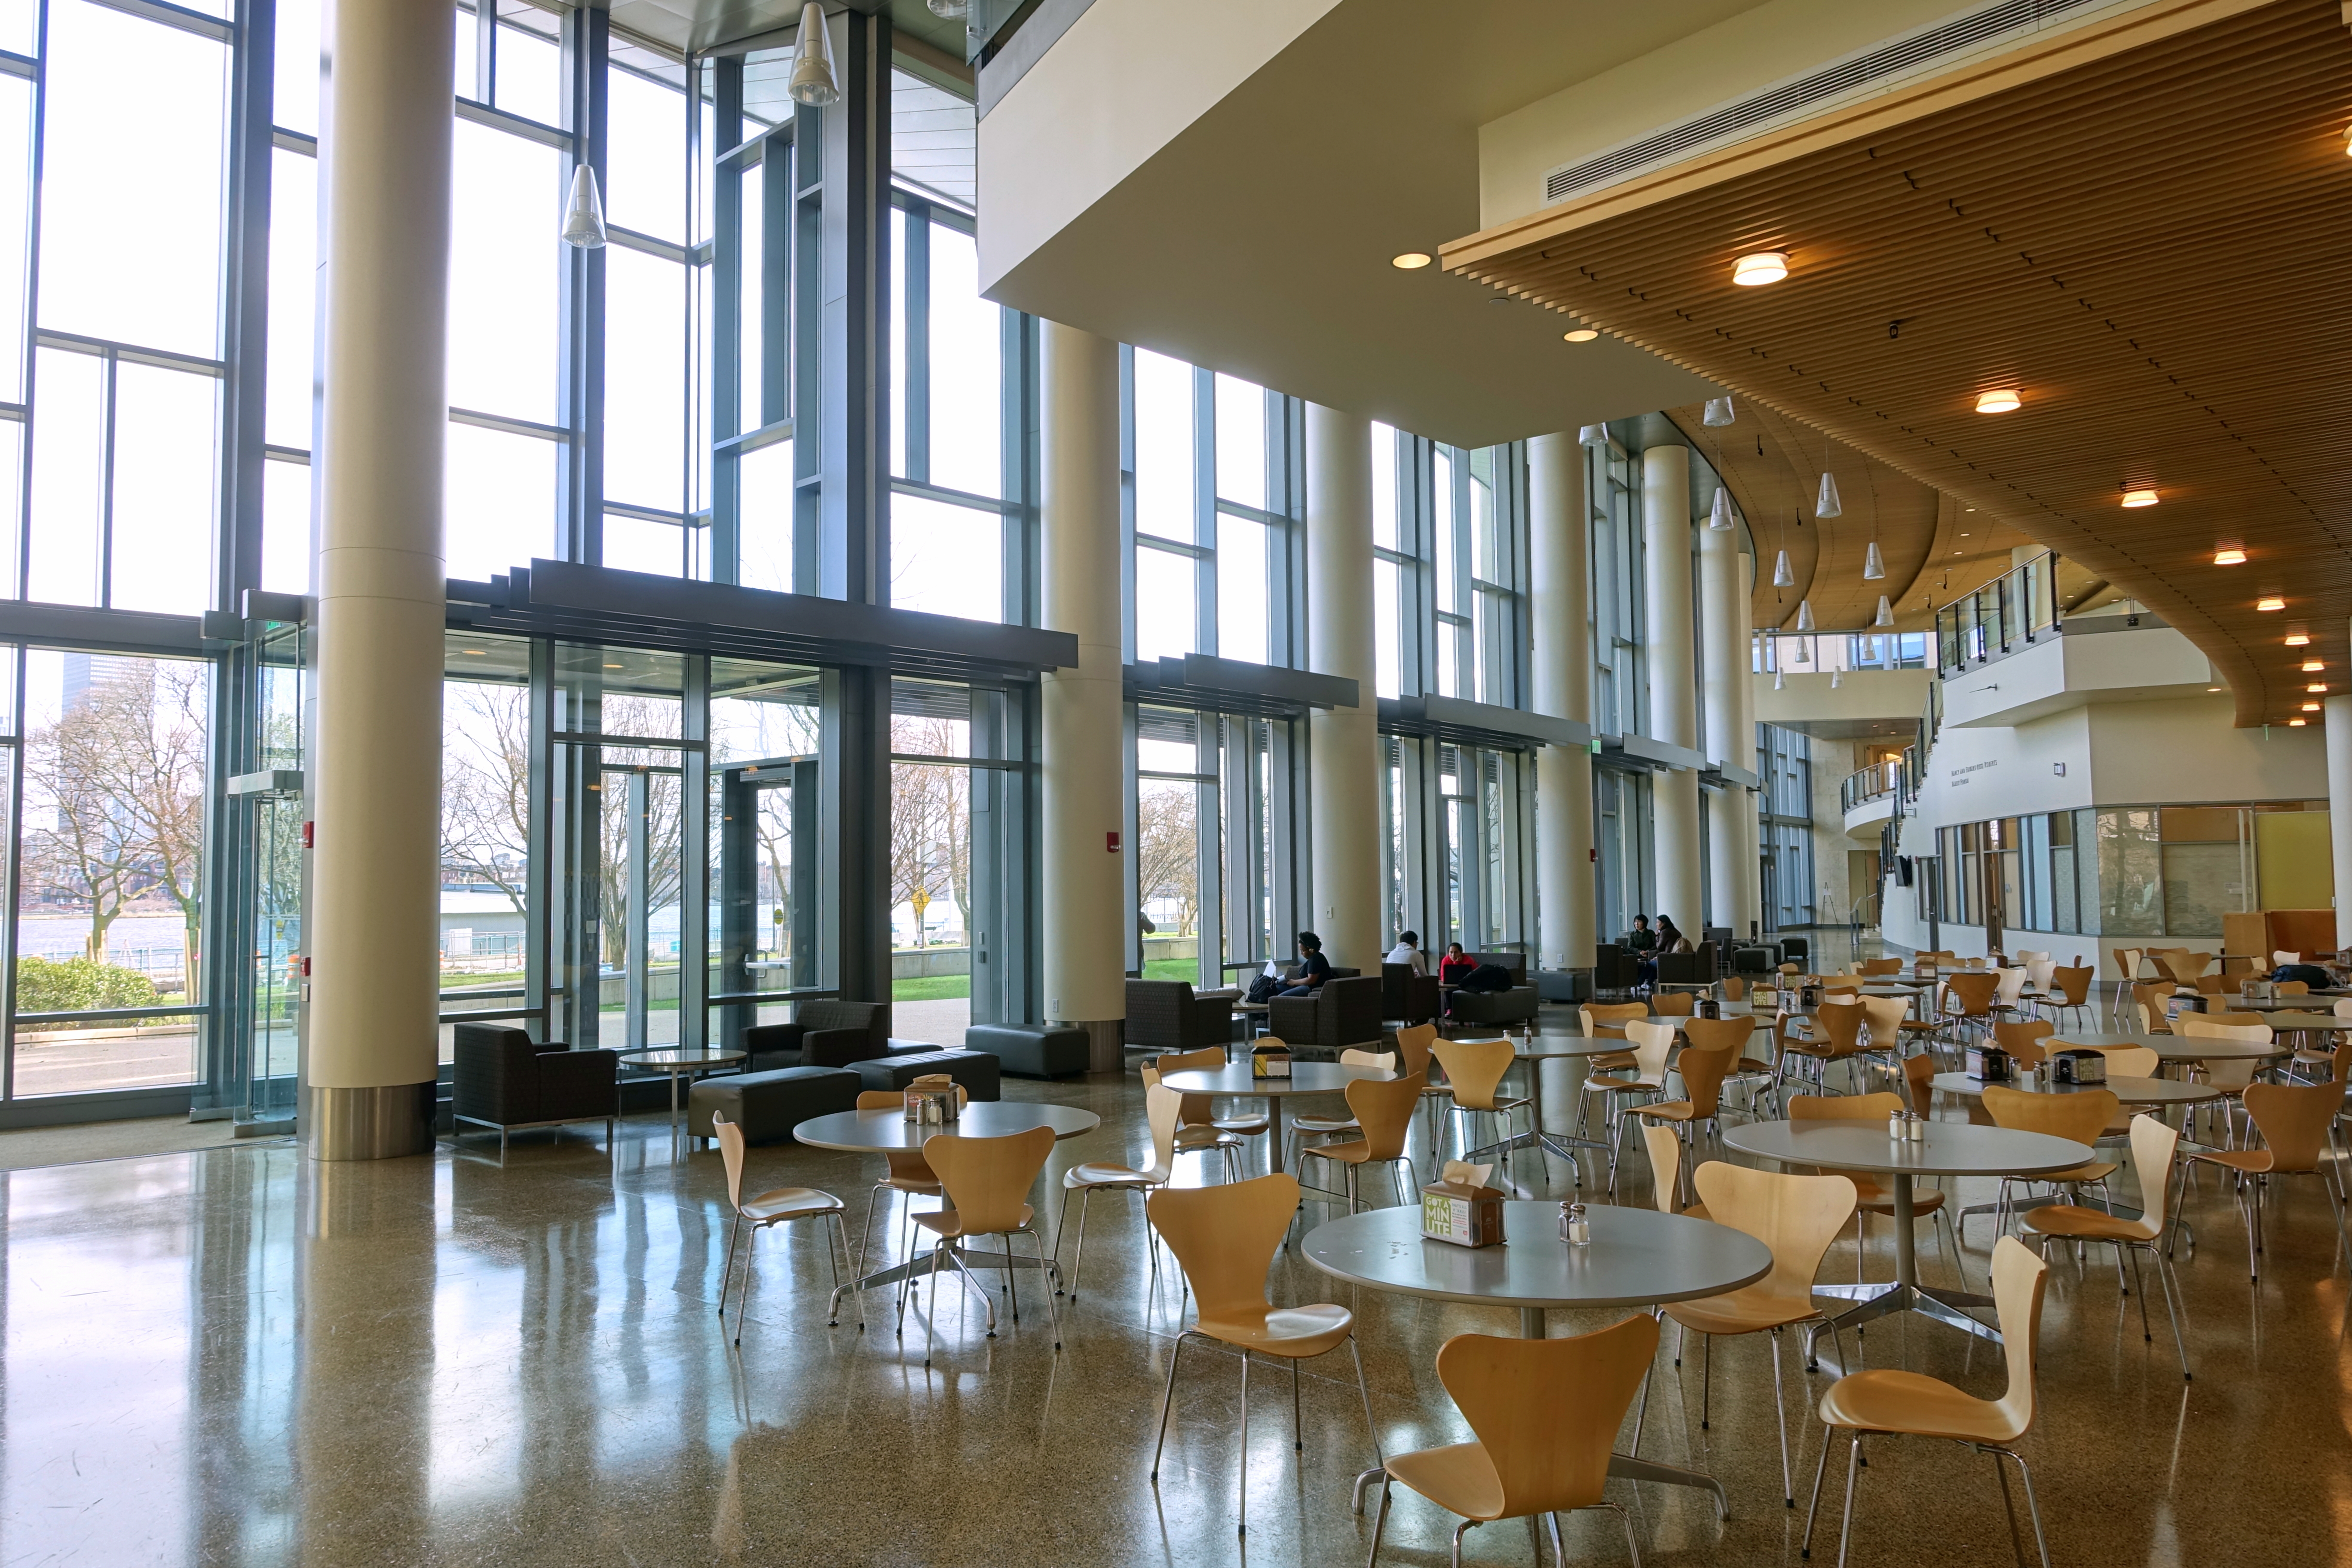 File:MIT Building E62 (MIT Sloan) interior - MIT, Cambridge, MA ...